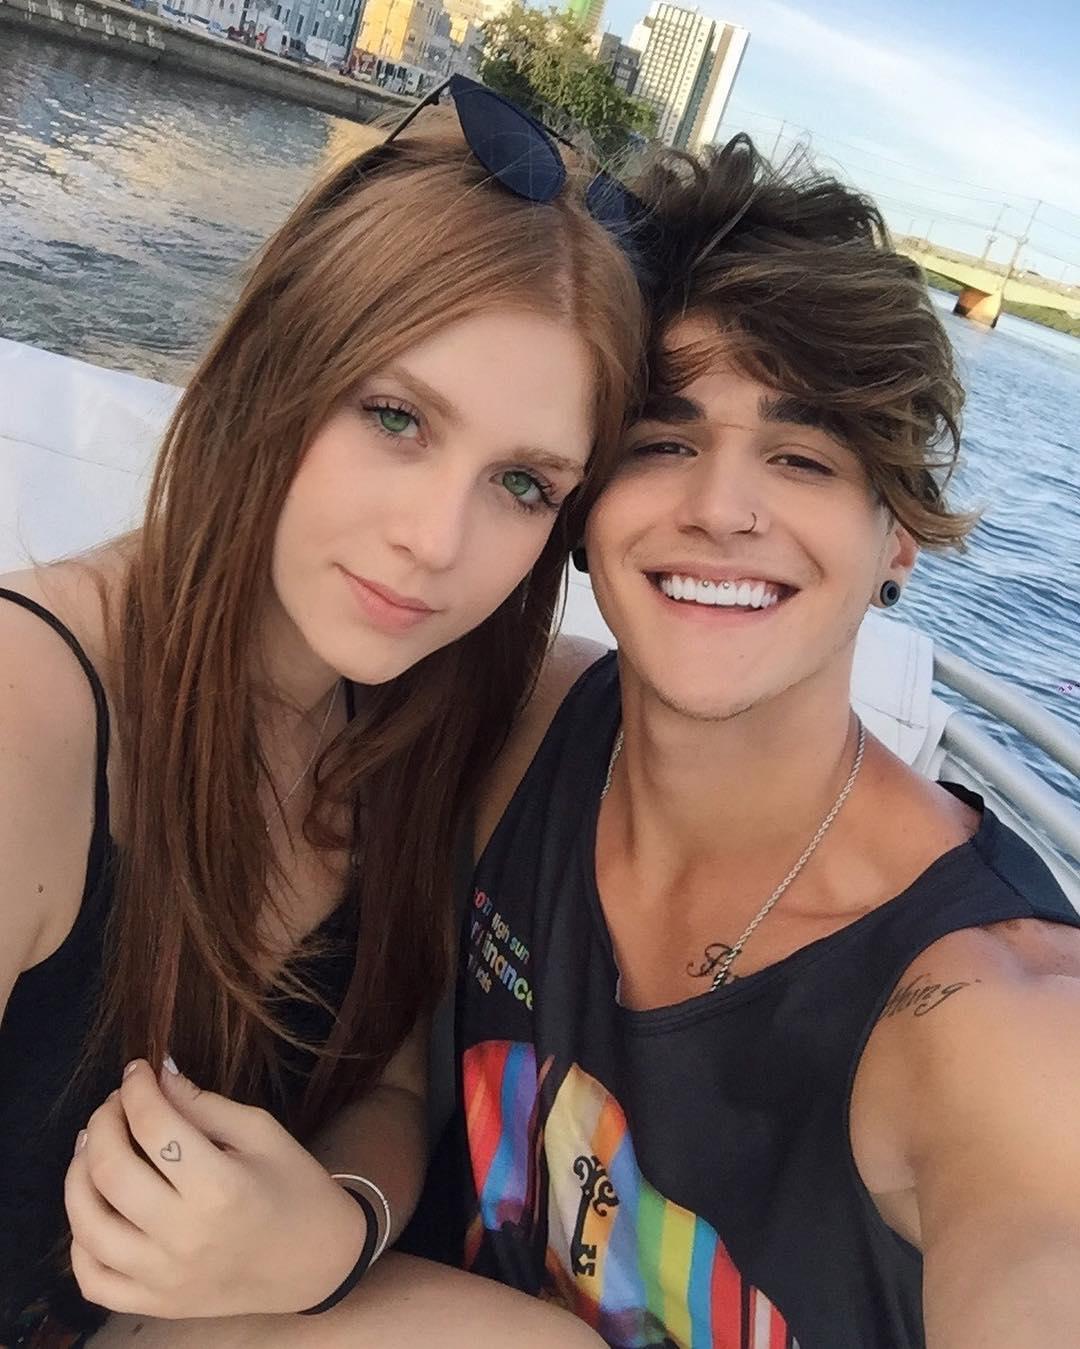 Alex Mapeli with his girlfriend Flavia Charallo